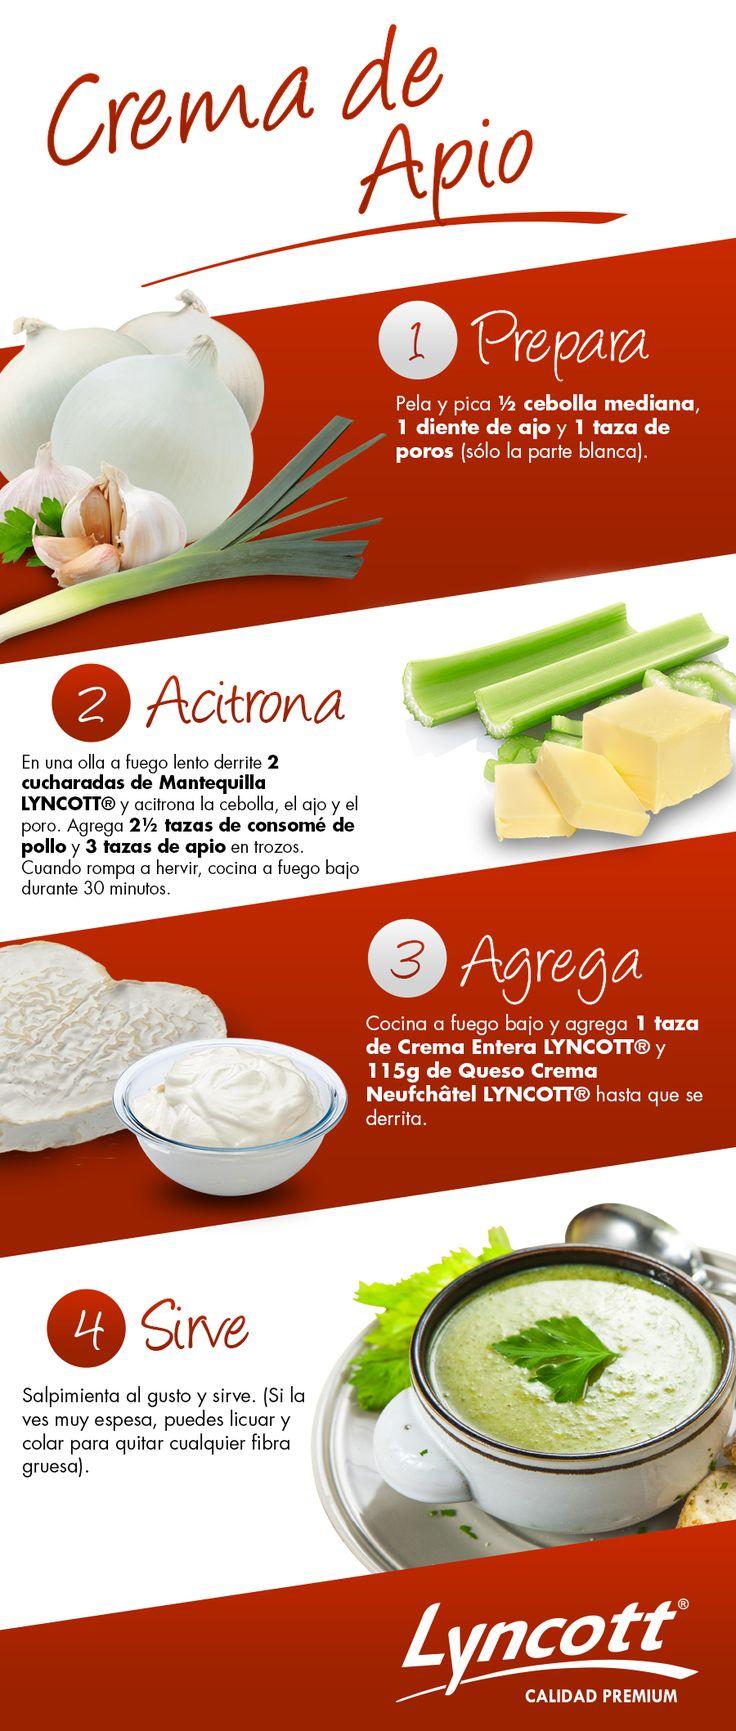 Crema de Apio #RecetaFácil #Crema #Saludable #Lyncott